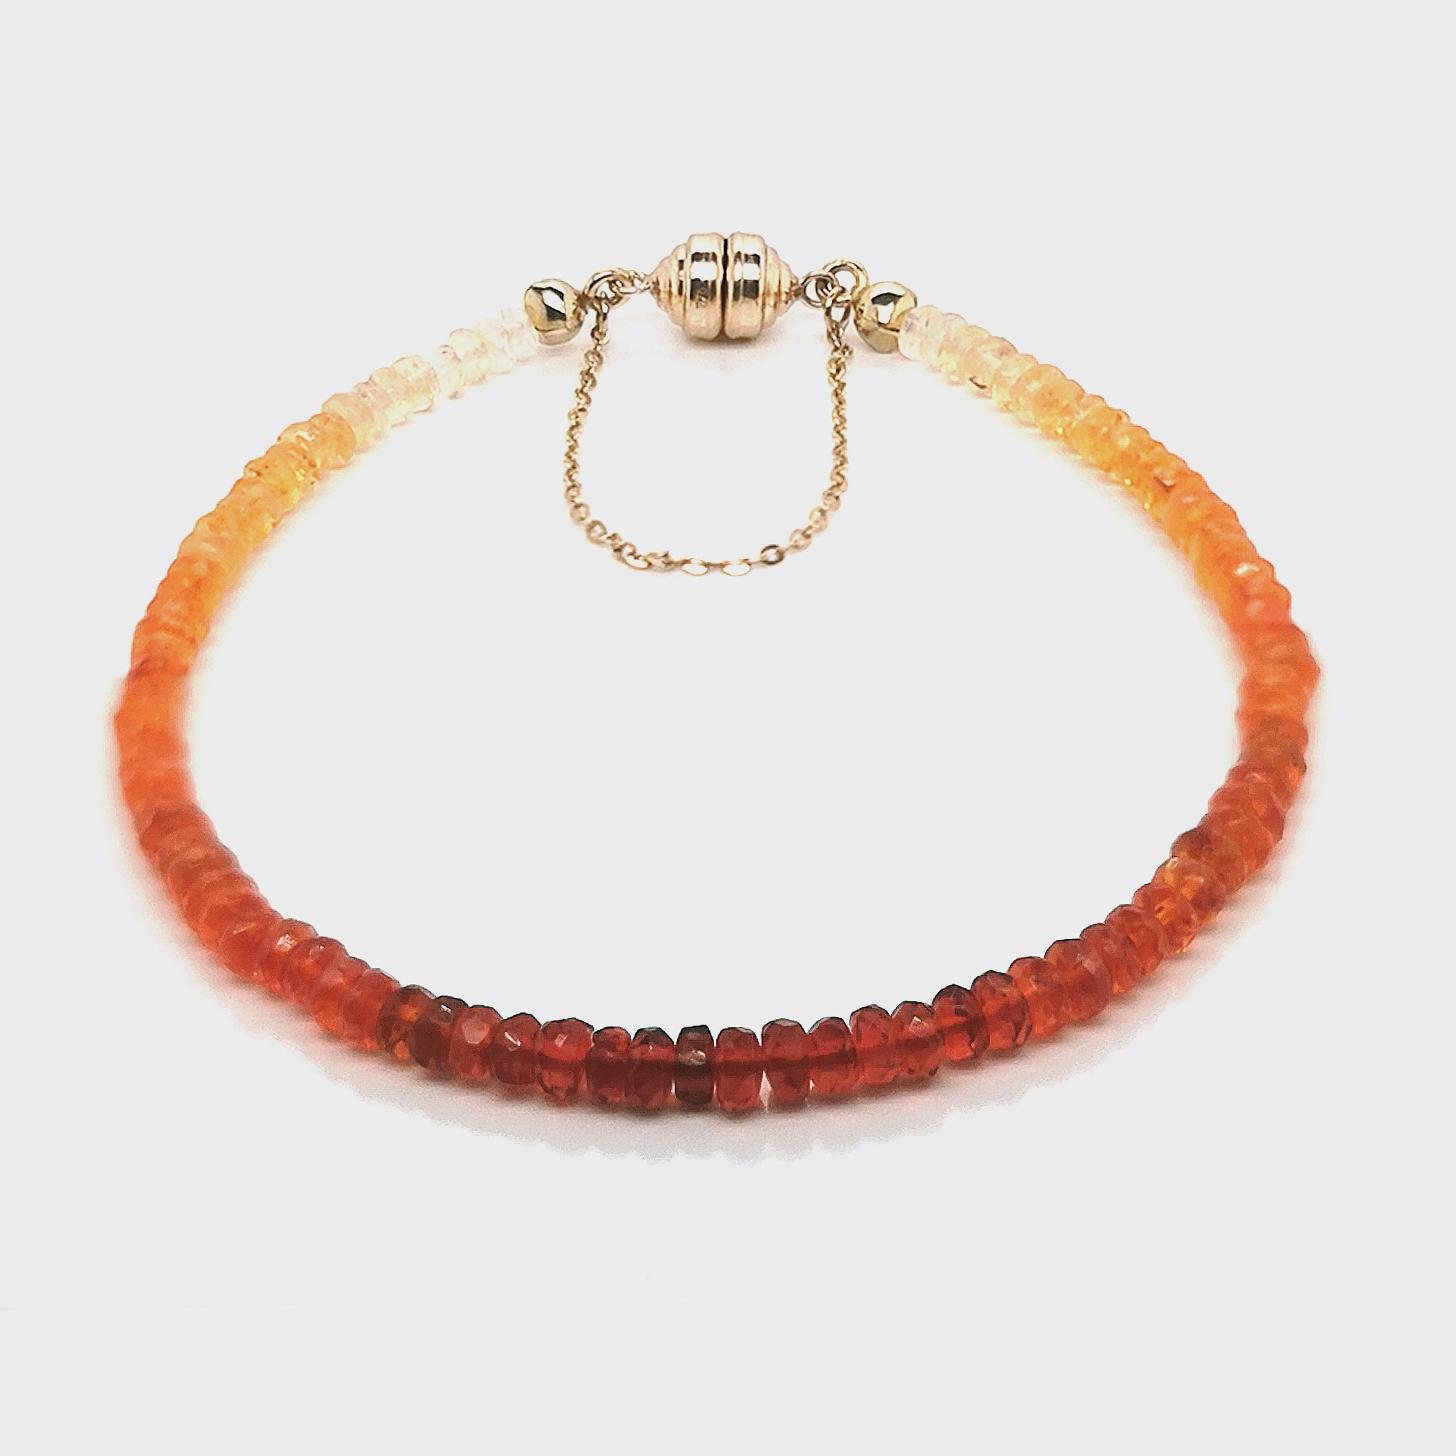 Feueropal facettiert, gesamt ca. 10 ct  Edelstein Armband mit Magnetschließe Carat 3000 375 Gelbgold, Sogni d´oro